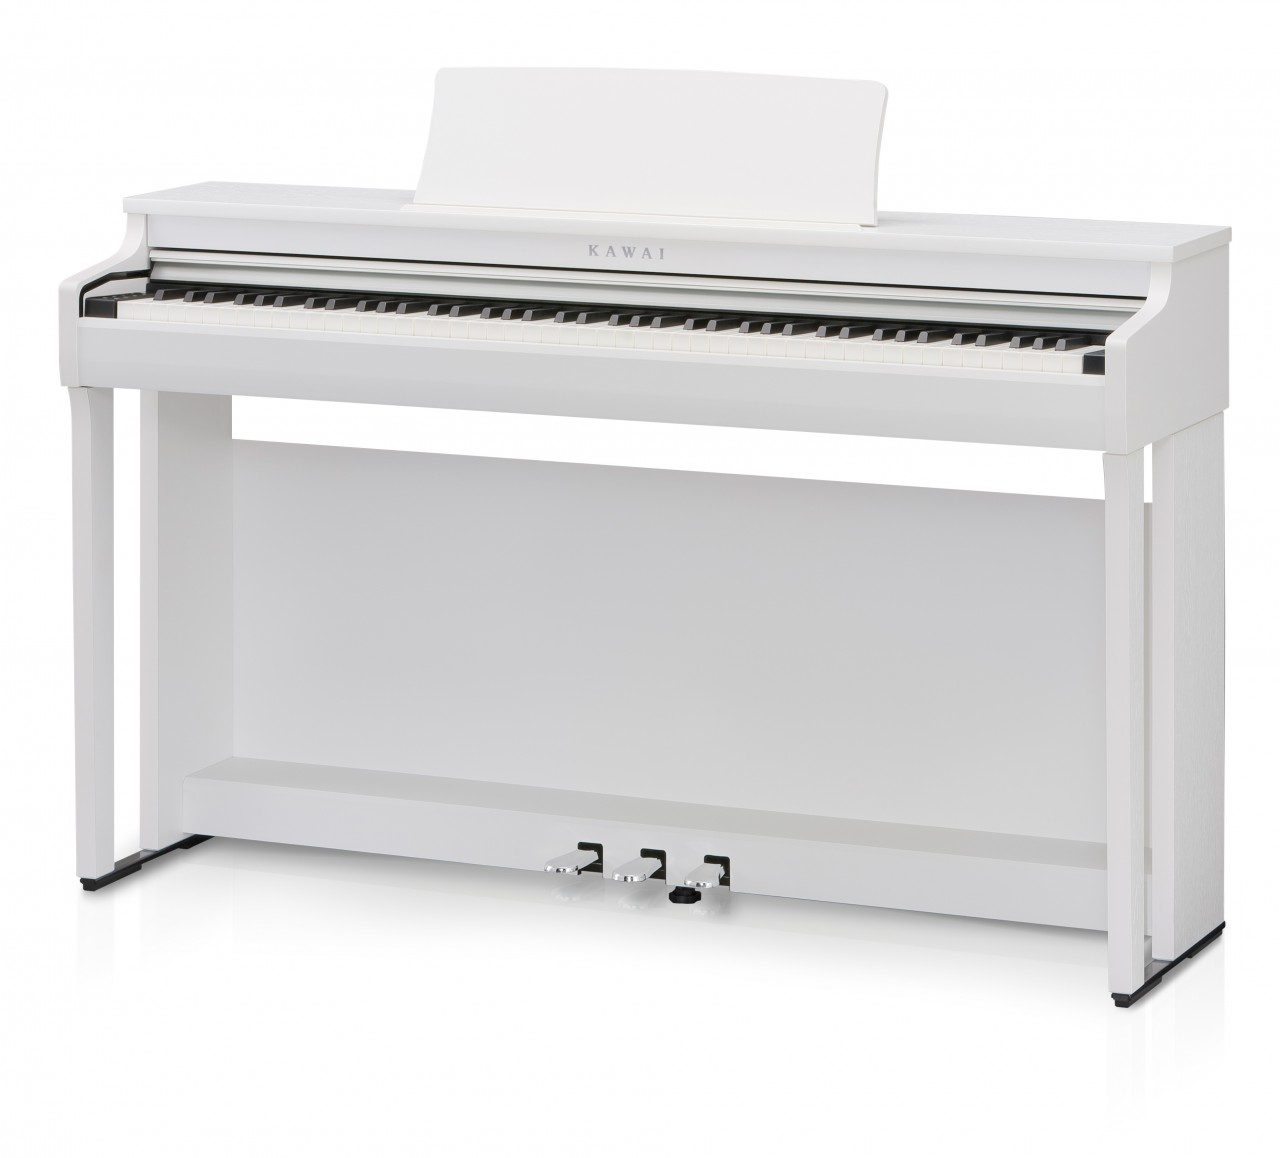 KAWAI CN-29 Digitale piano